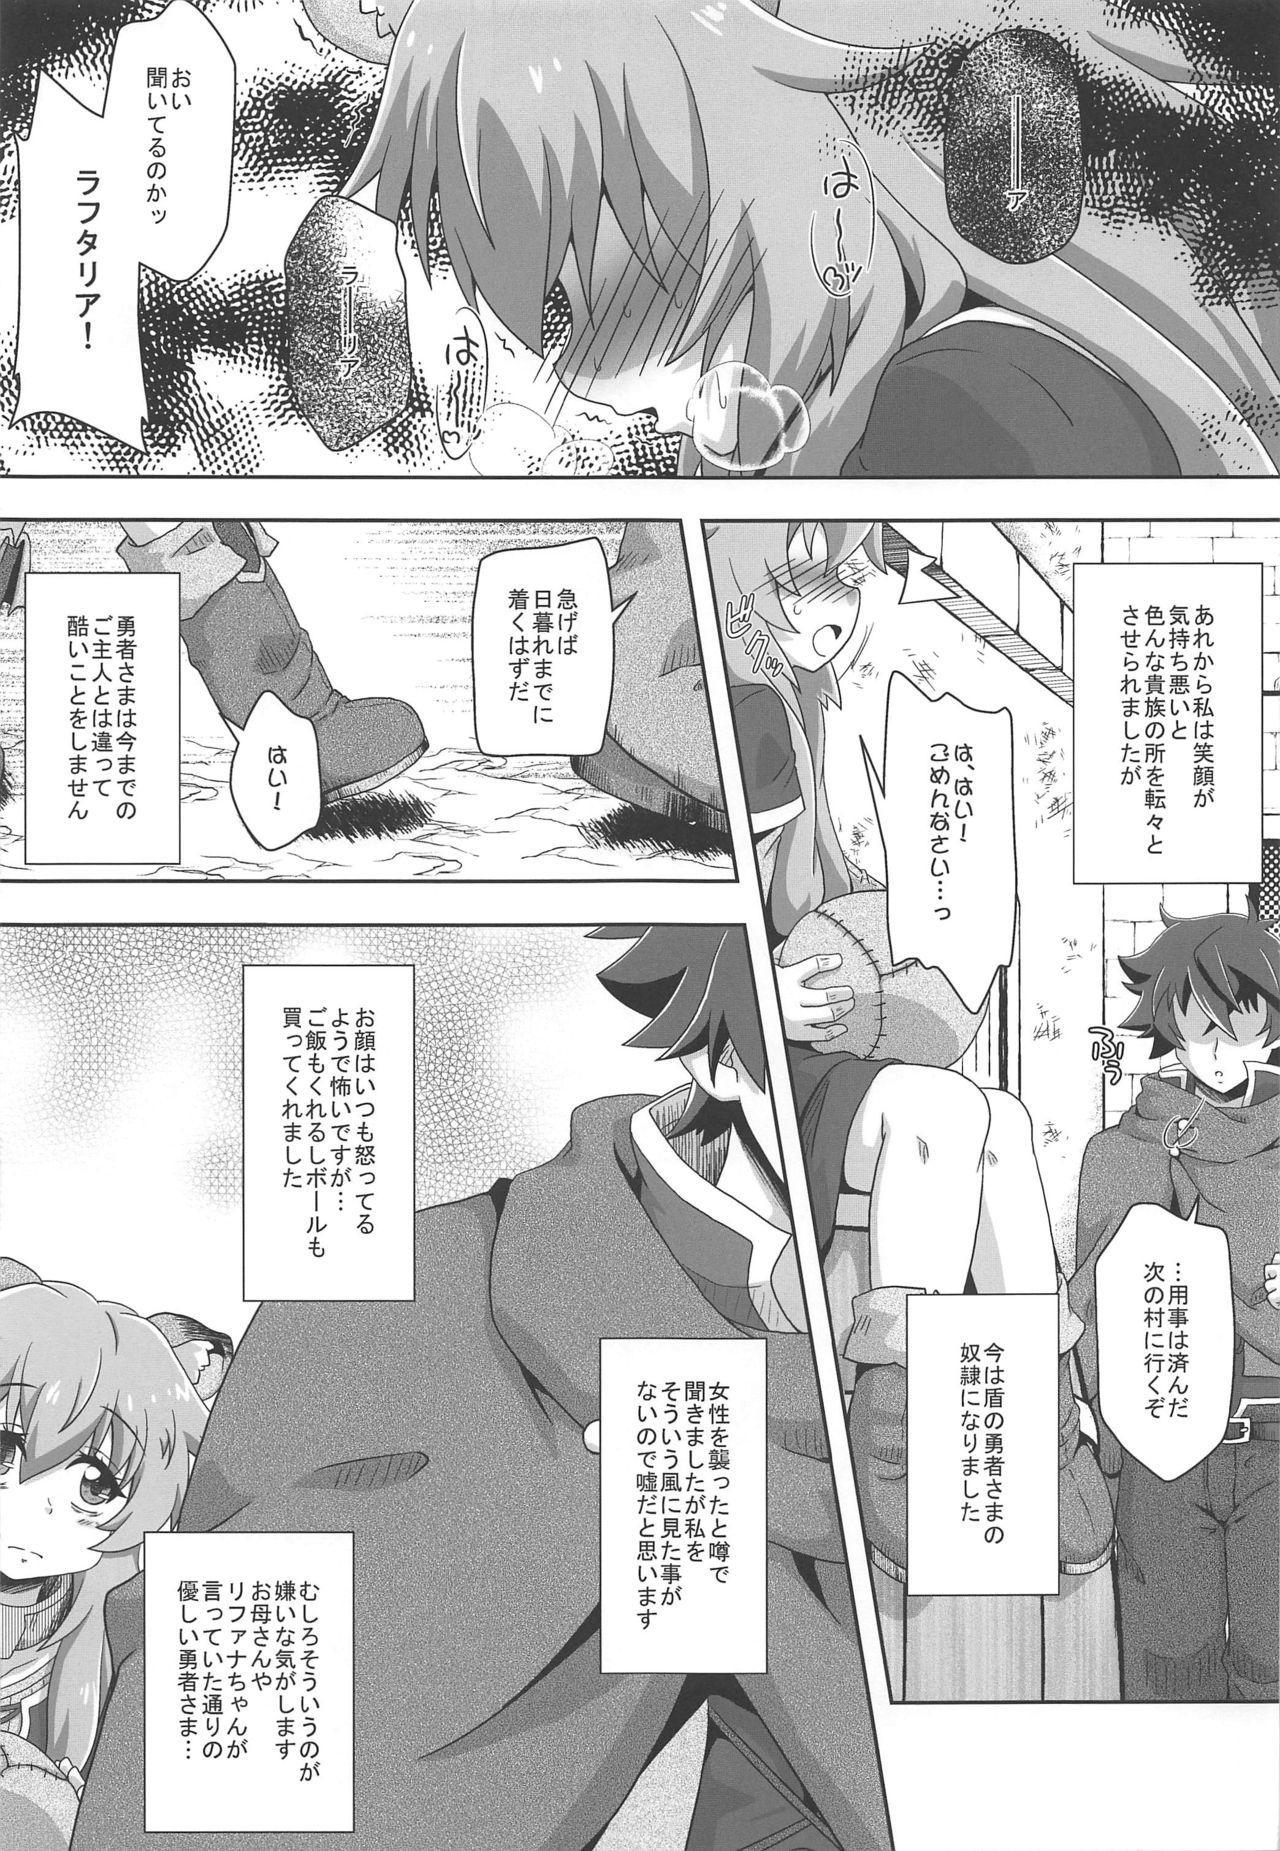 Tanuki Shoujo no Kenshin 5